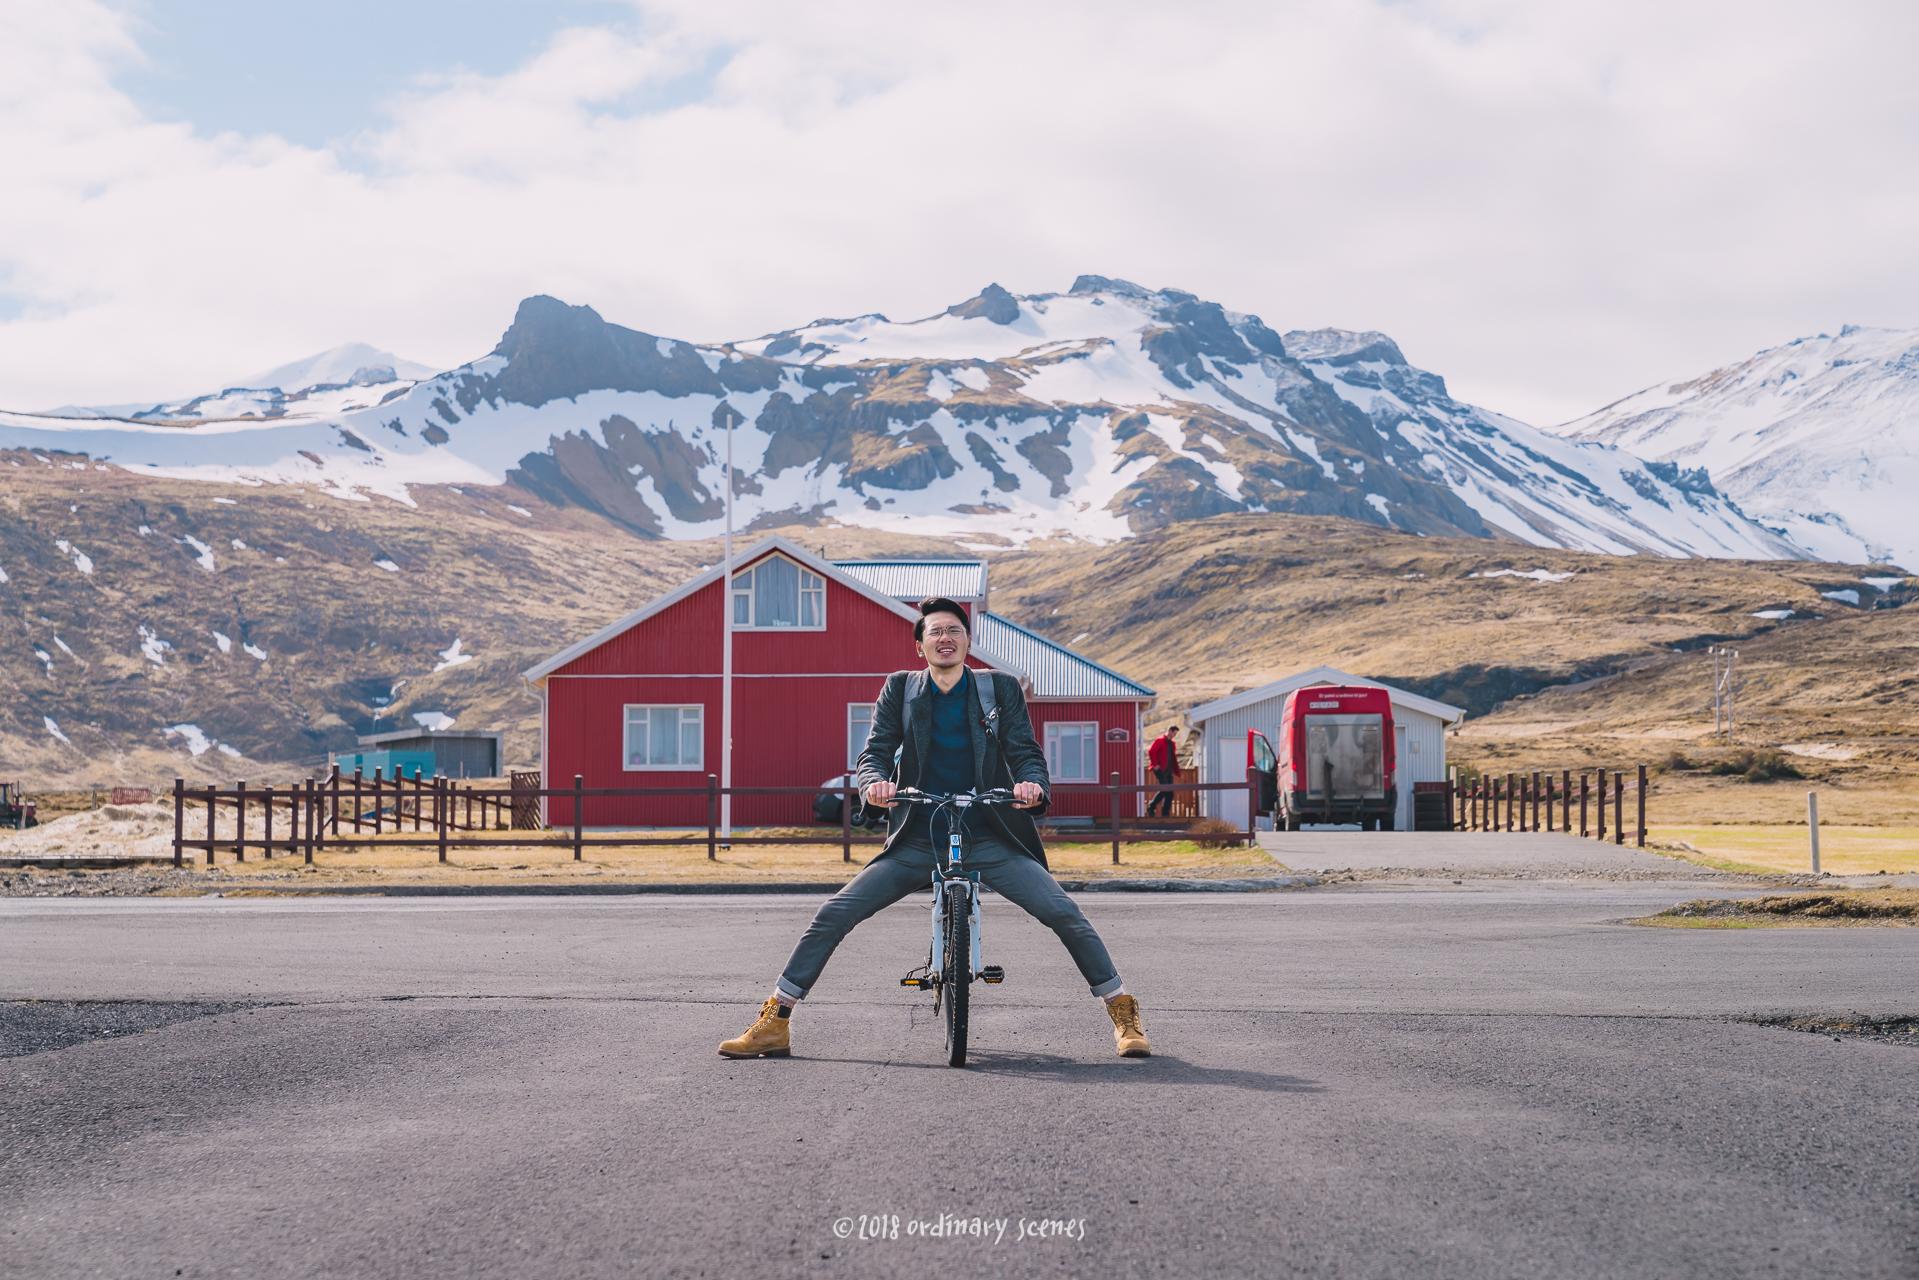 세계테마기행 - <창사특집> 시청자와 함께하는 1부 젊은 부부 여행자가 아이슬란드로 간 까닭은